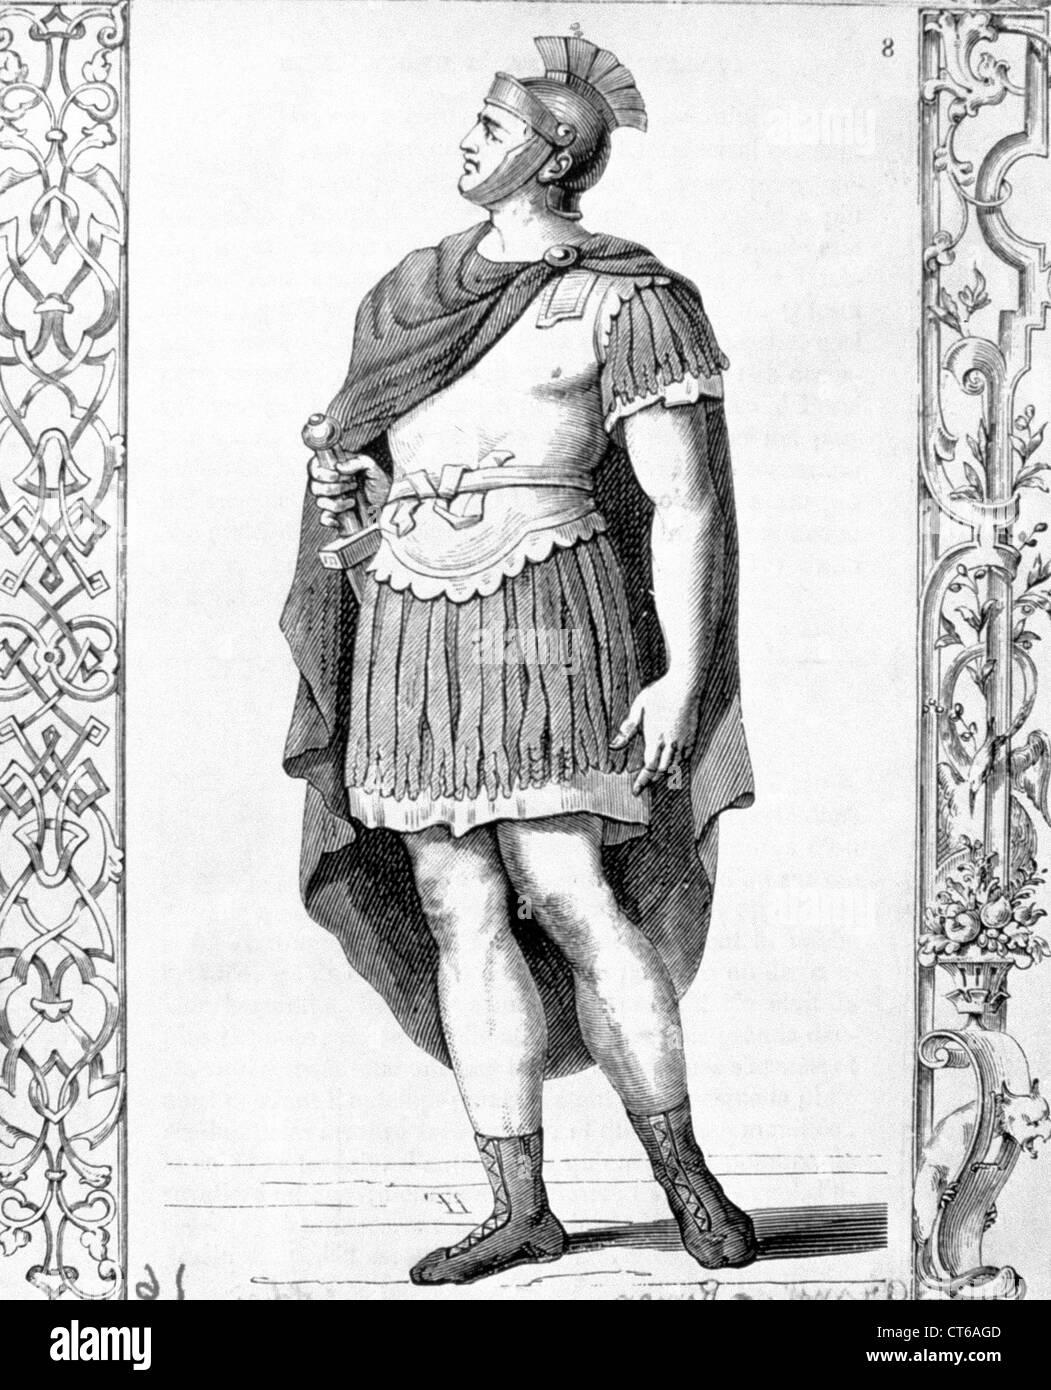 Illustration - soldat romain Photo Stock